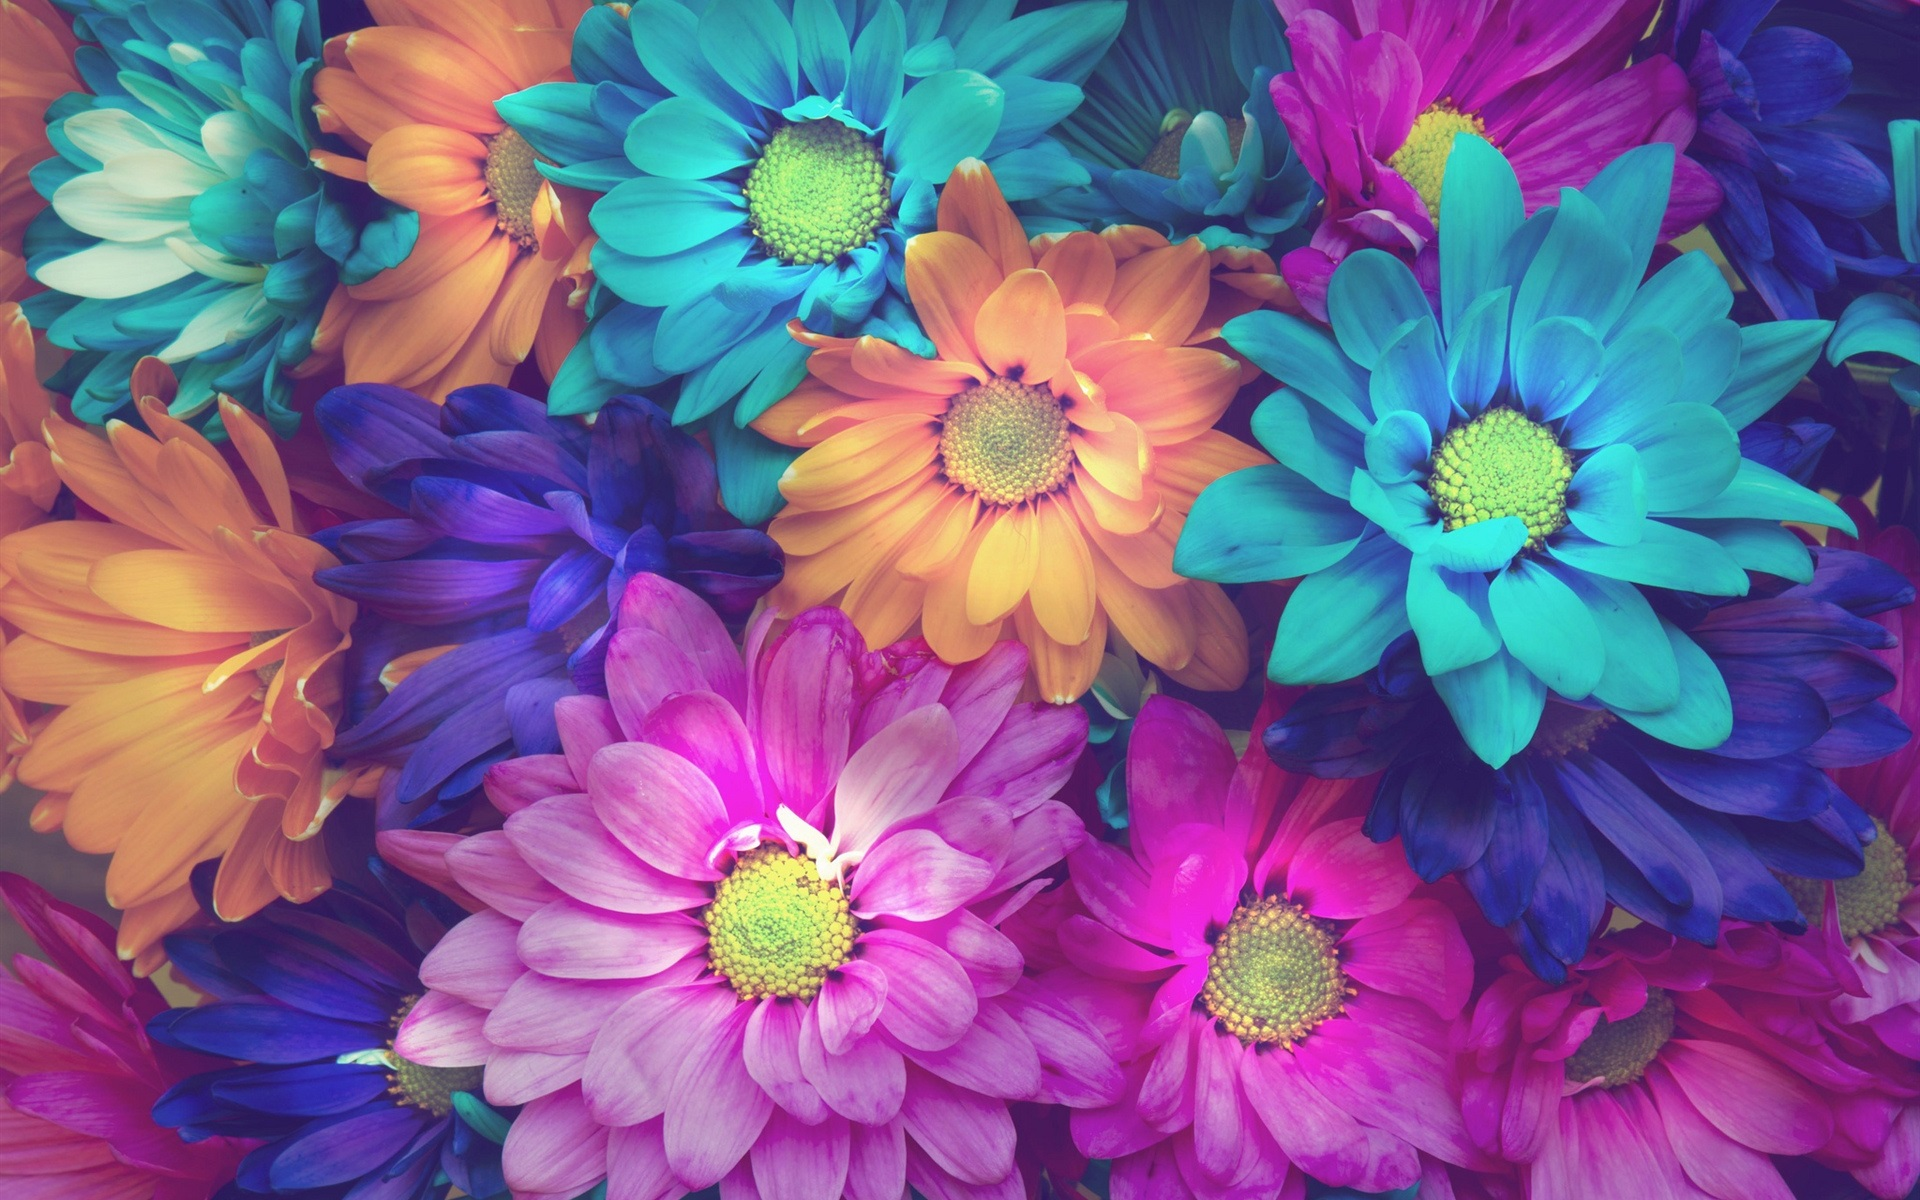 Margarita flores de colores, rosa, azul, naranja Fondos de ...